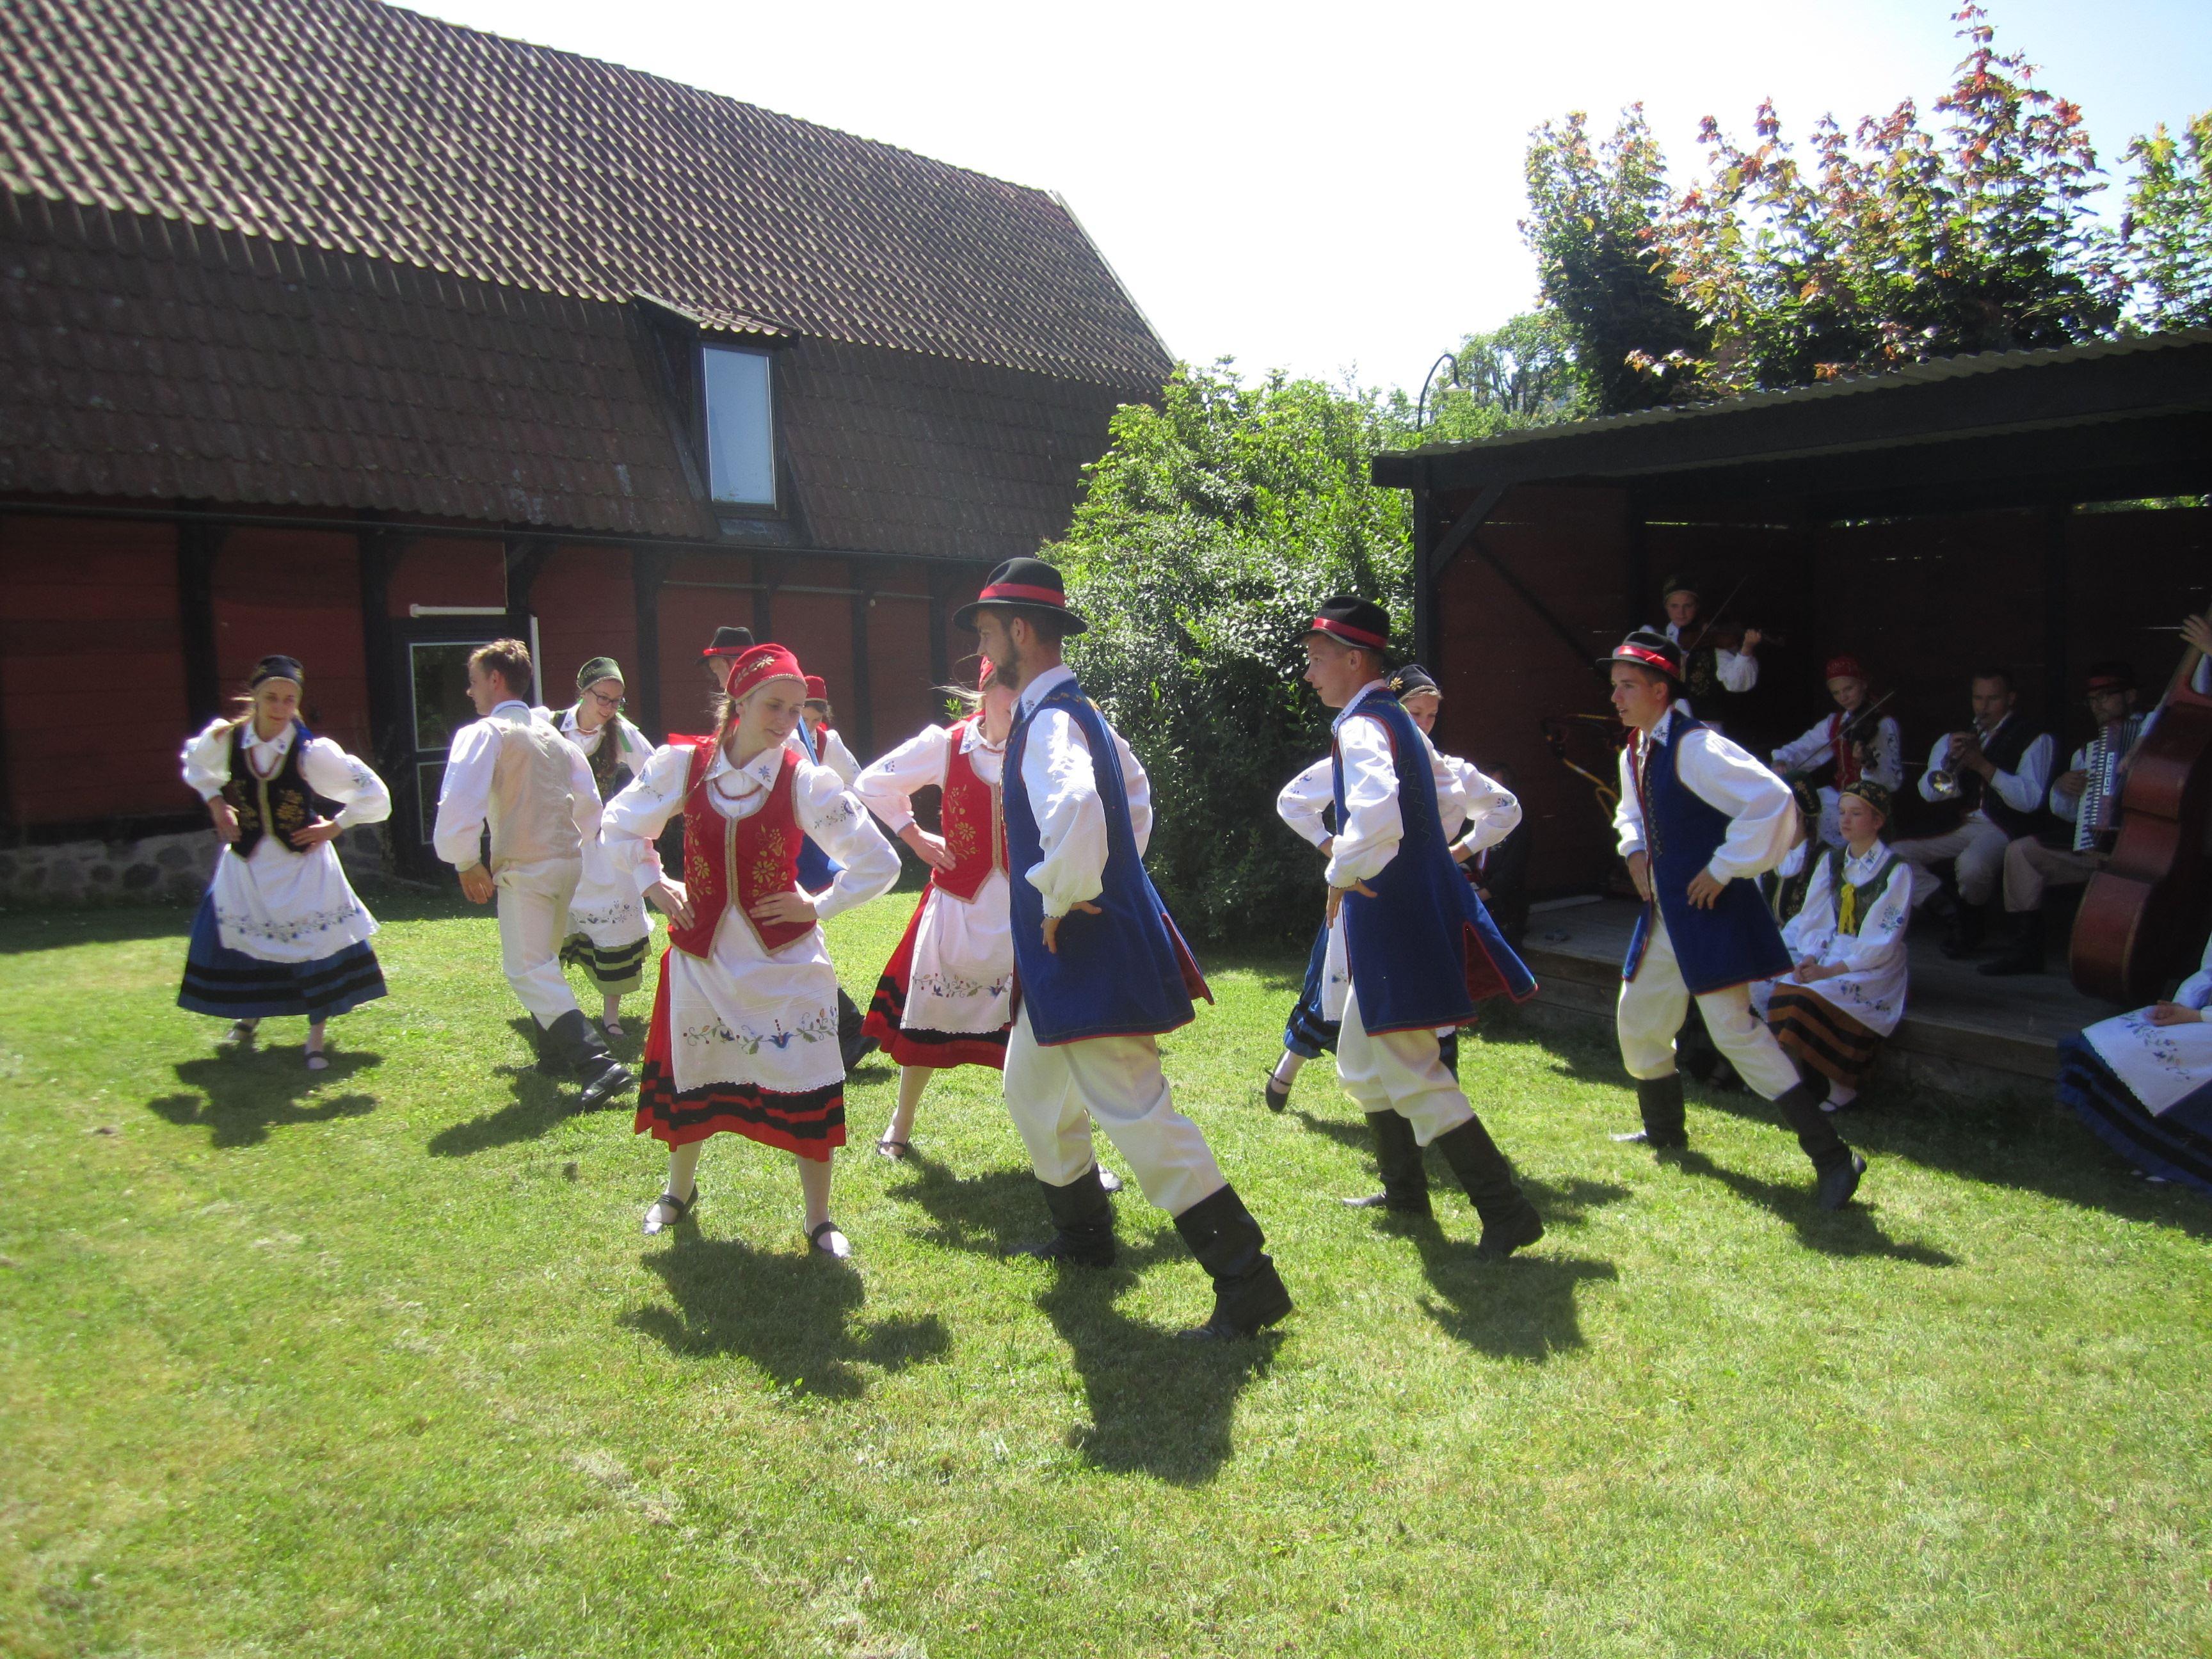 Karin Maltestam, Folkdans från polen